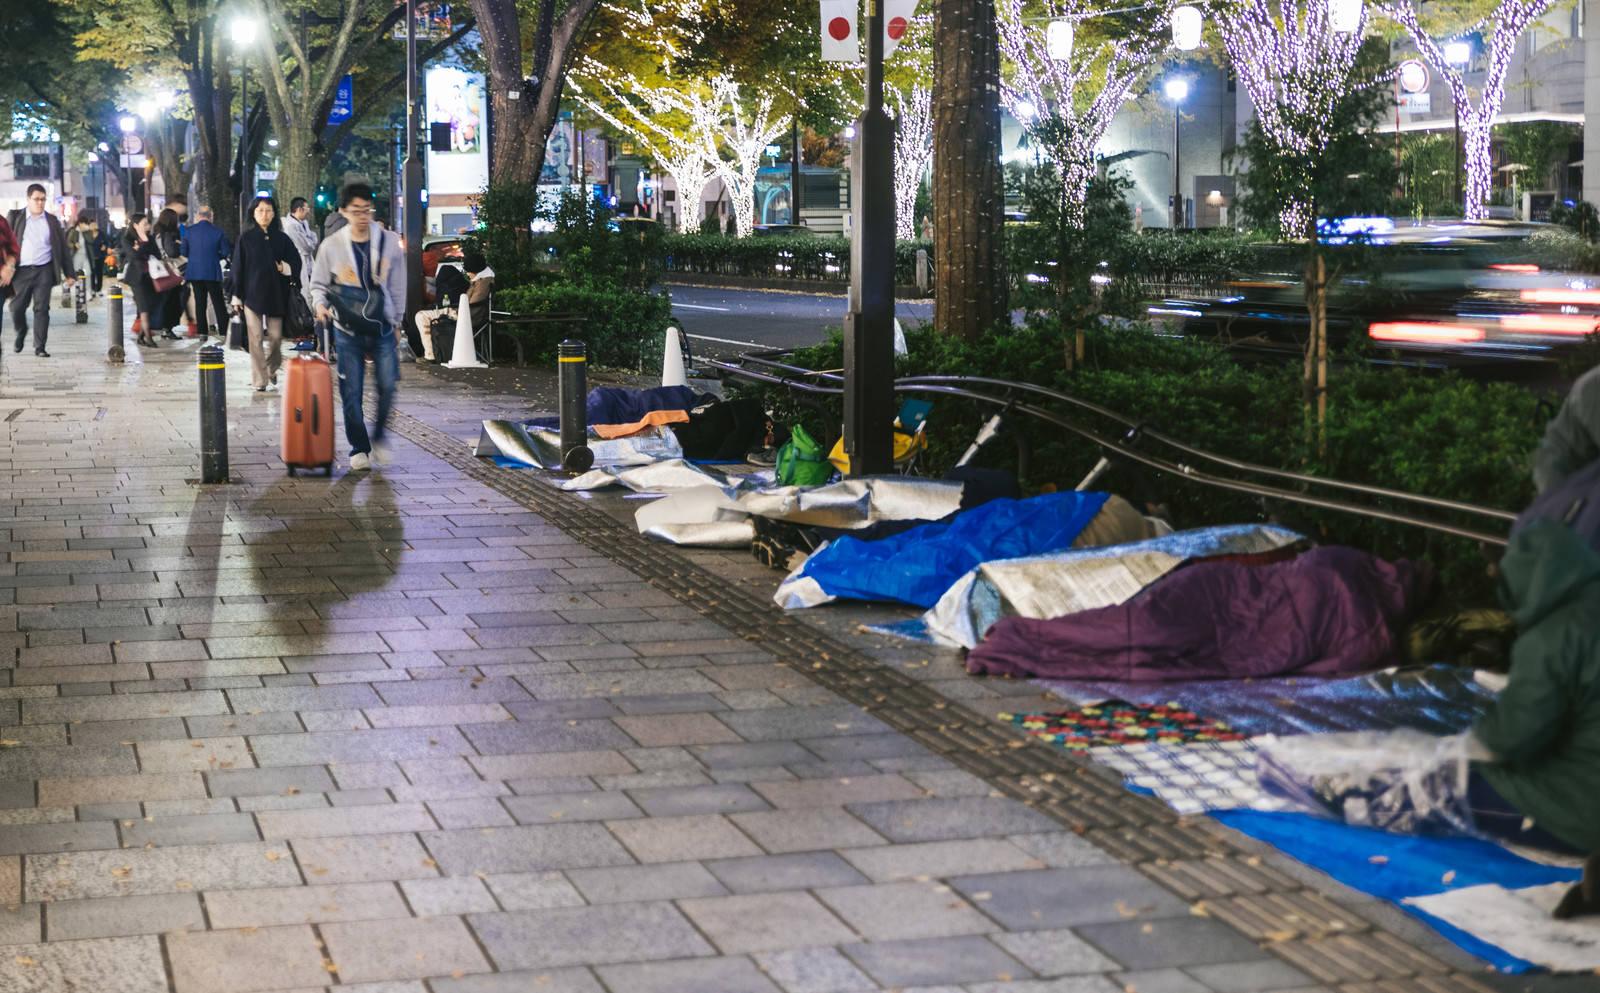 「寝袋で朝をまつ行列組」の写真